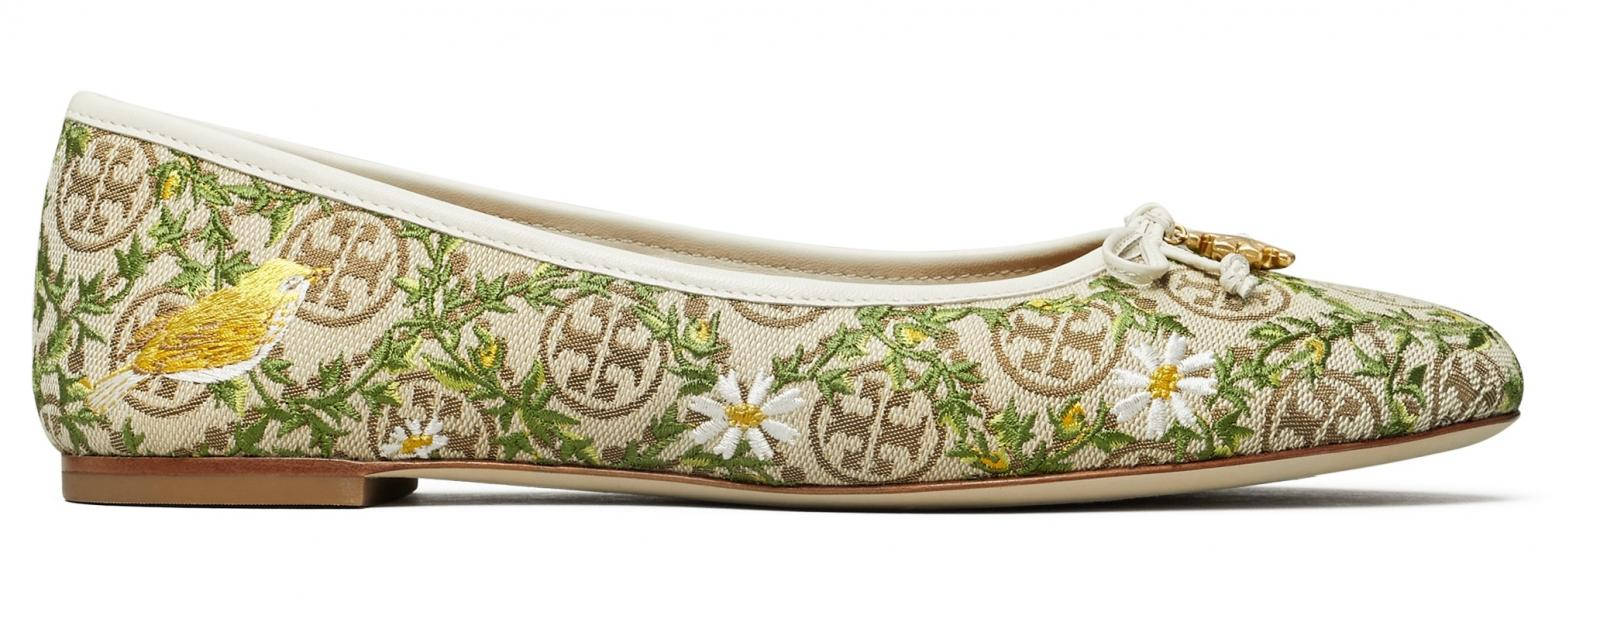 平底鞋推薦Top10 !Chanel、LV、Gucci、Dior...舒適度、時髦度完勝老爹鞋-9